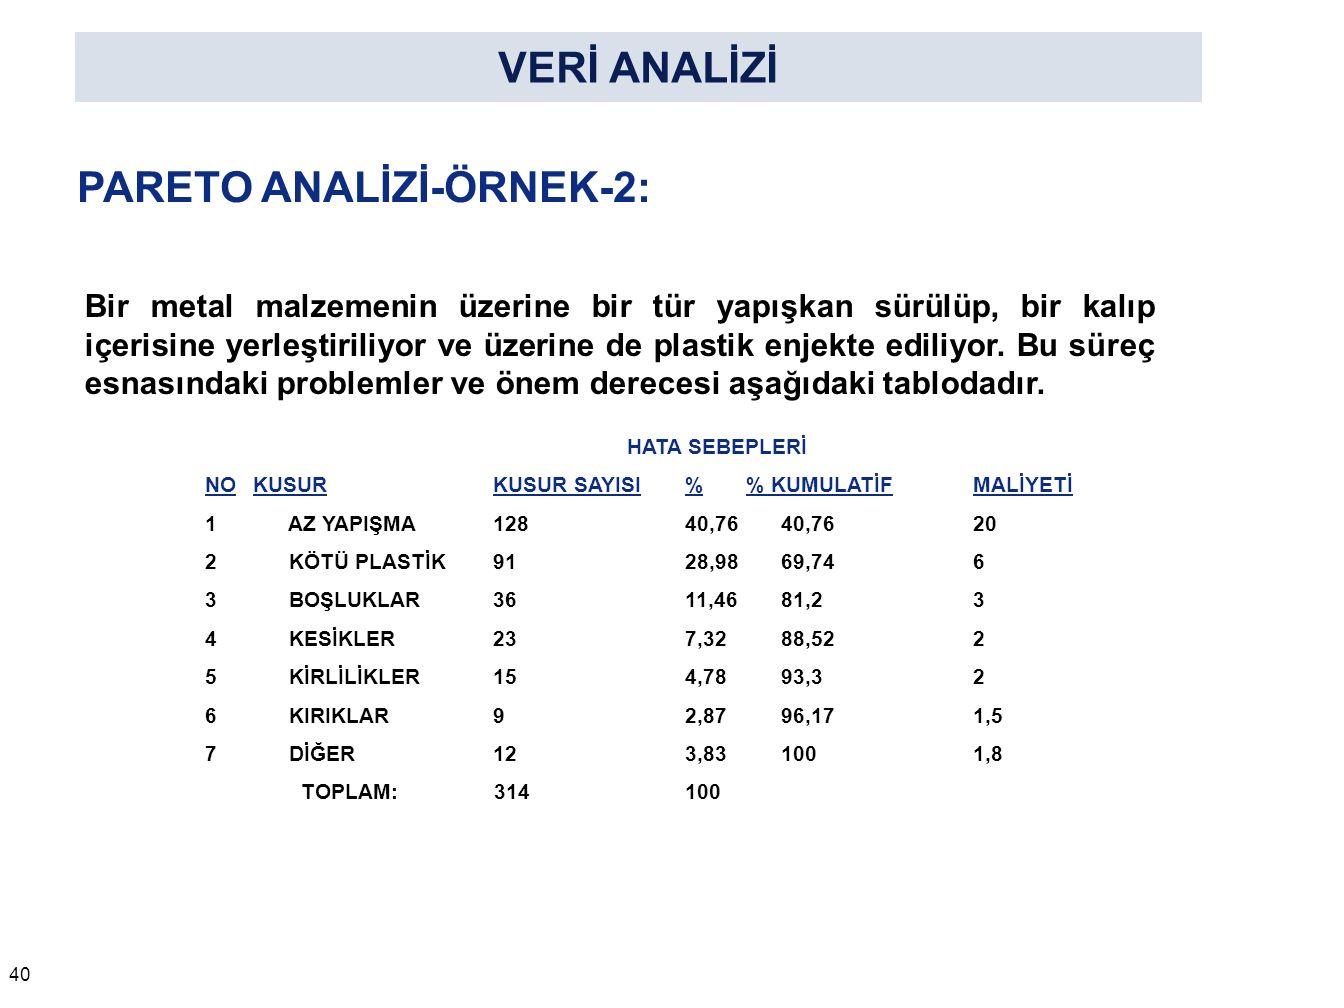 PARETO ANALİZİ-ÖRNEK-1 (Devamı):